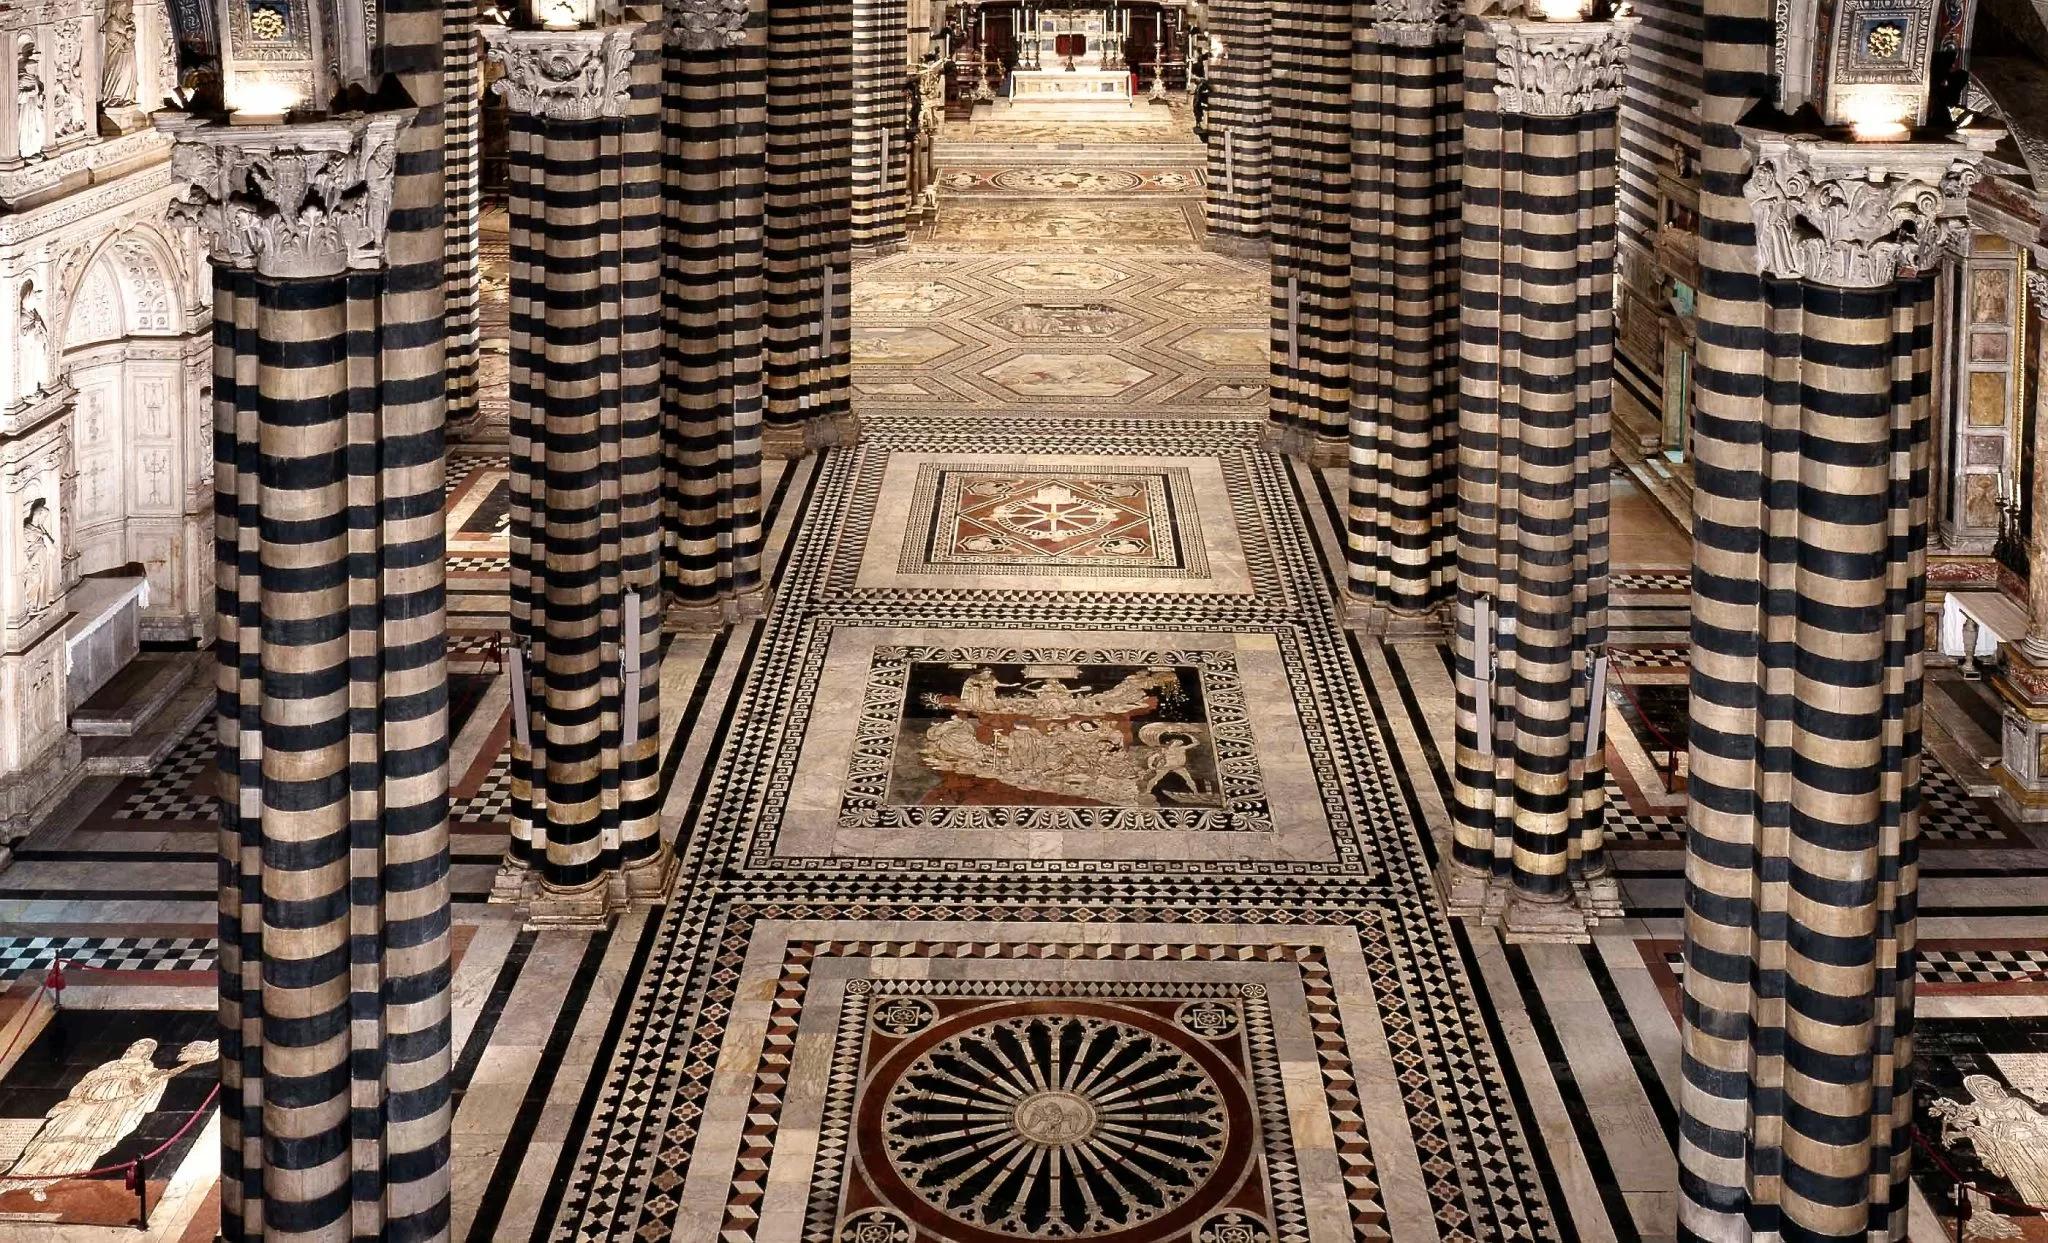 Dal 26 giugno al 31 luglio e dal 18 agosto al 17 ottobre riapre il Pavimento del Duomo